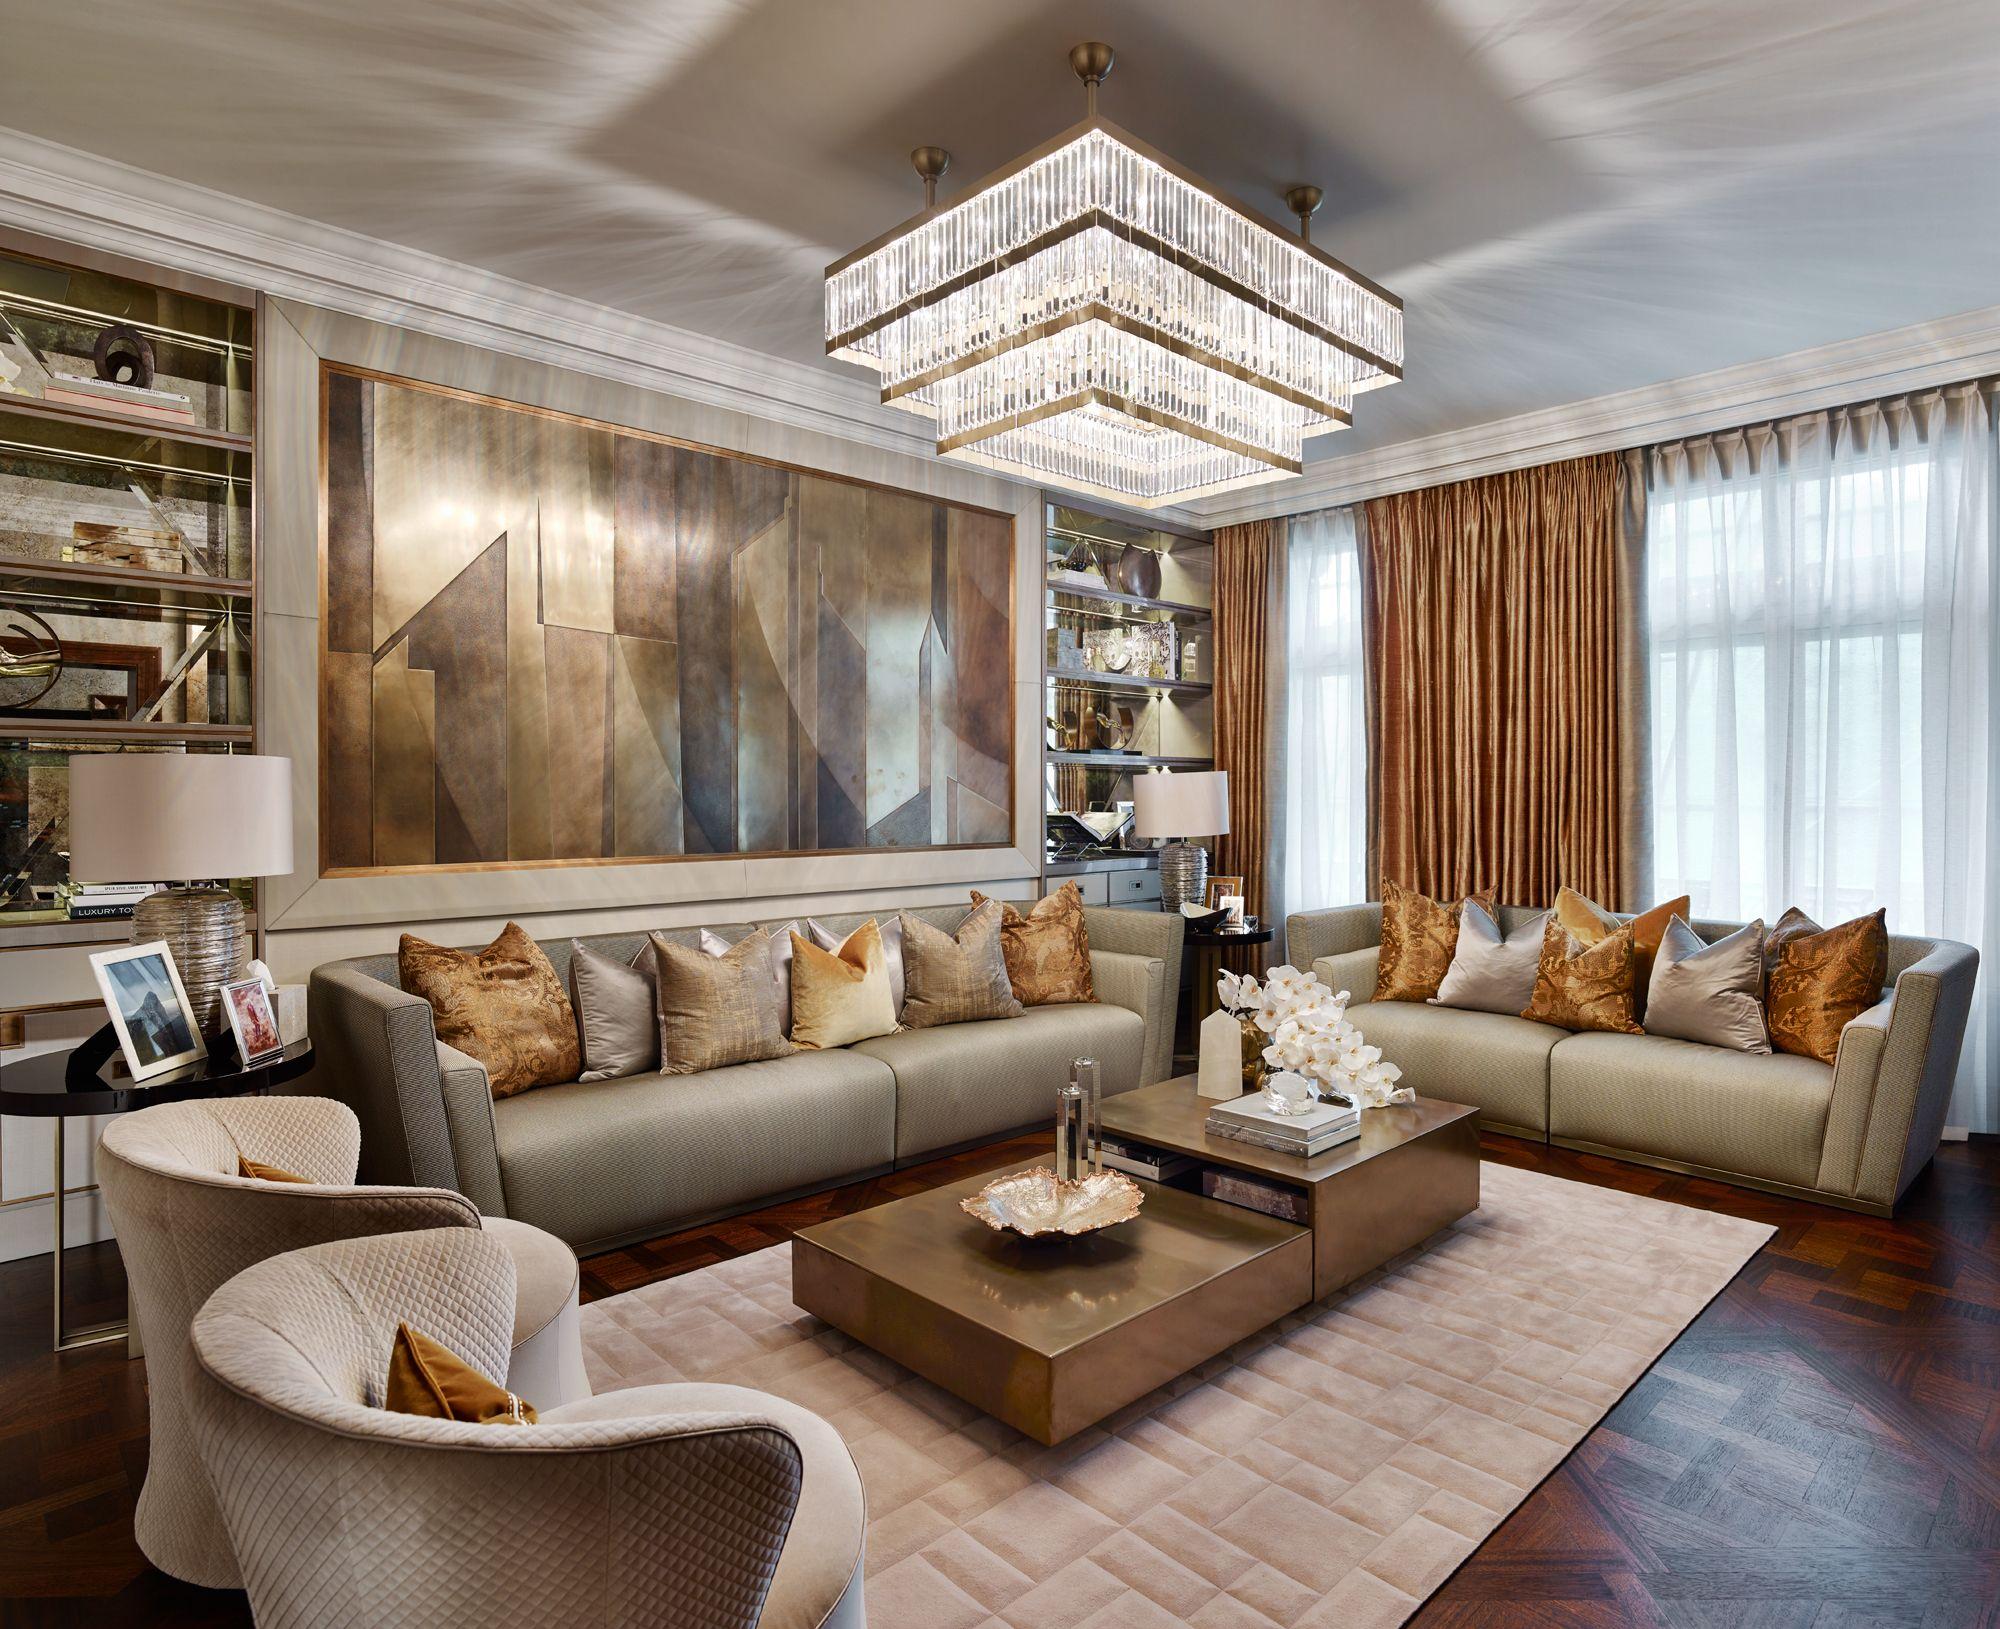 Pin de Sierra Meeks en living room | Pinterest | Casas, Interiores y ...